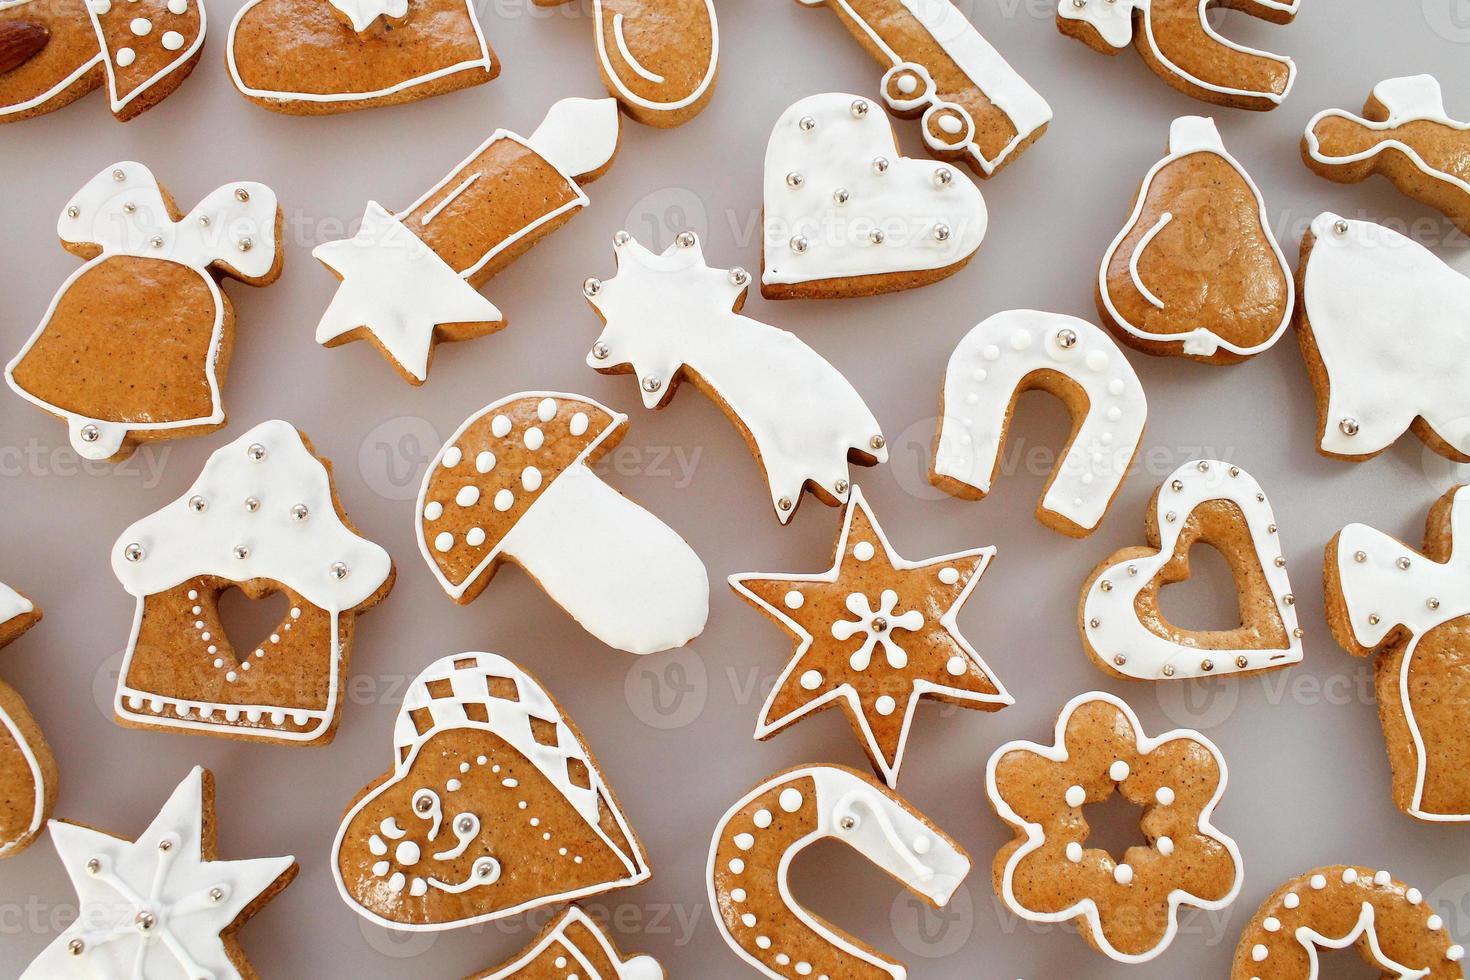 sfondo di pan di zenzero di Natale foto